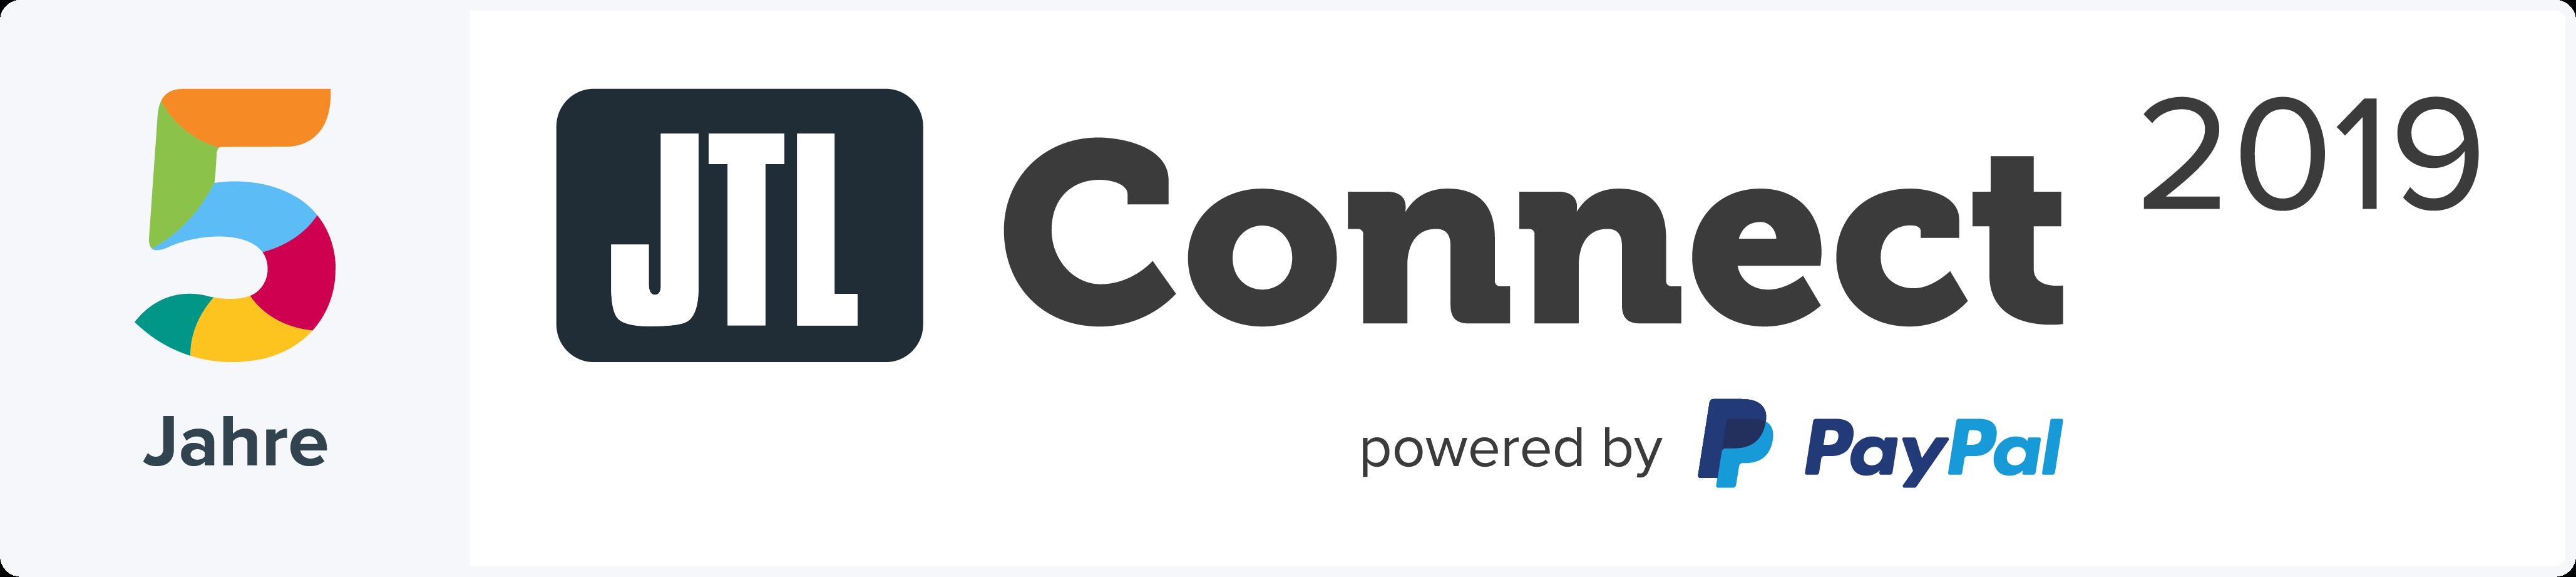 JTL-Connect 2019 Jubiläumslogo Hell